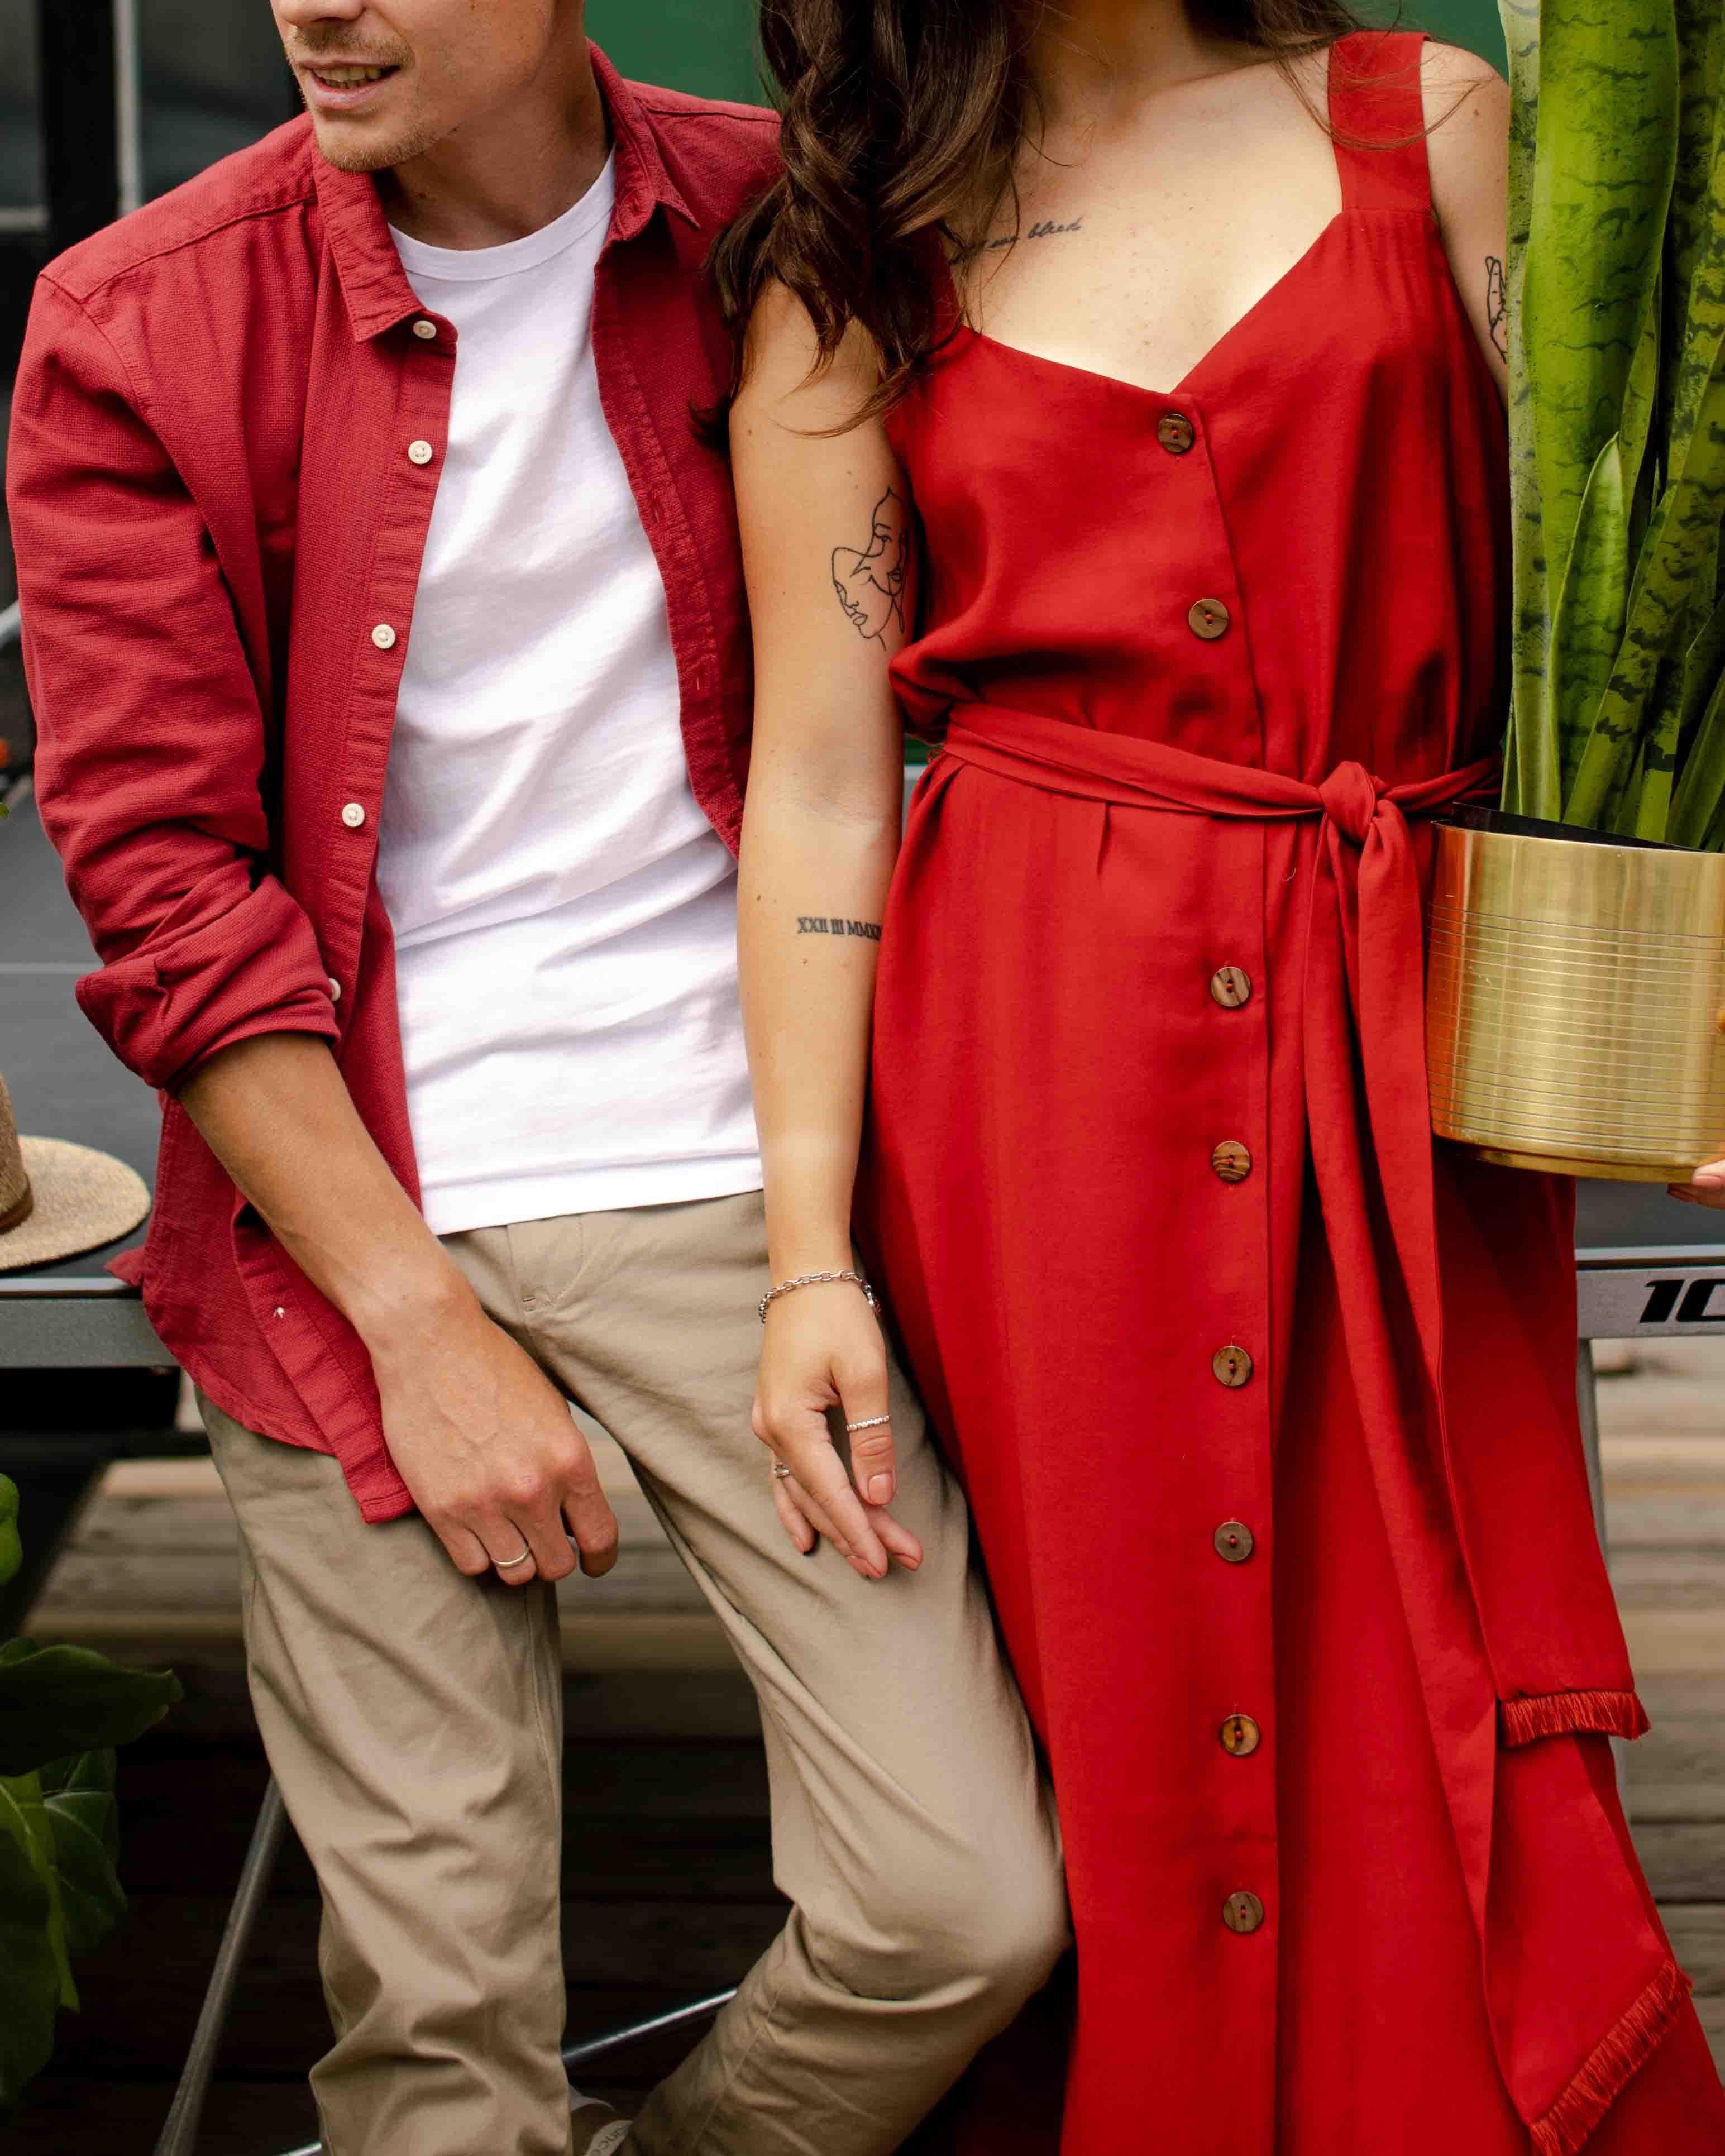 cặp đôi áo đỏ yêu thương nhau